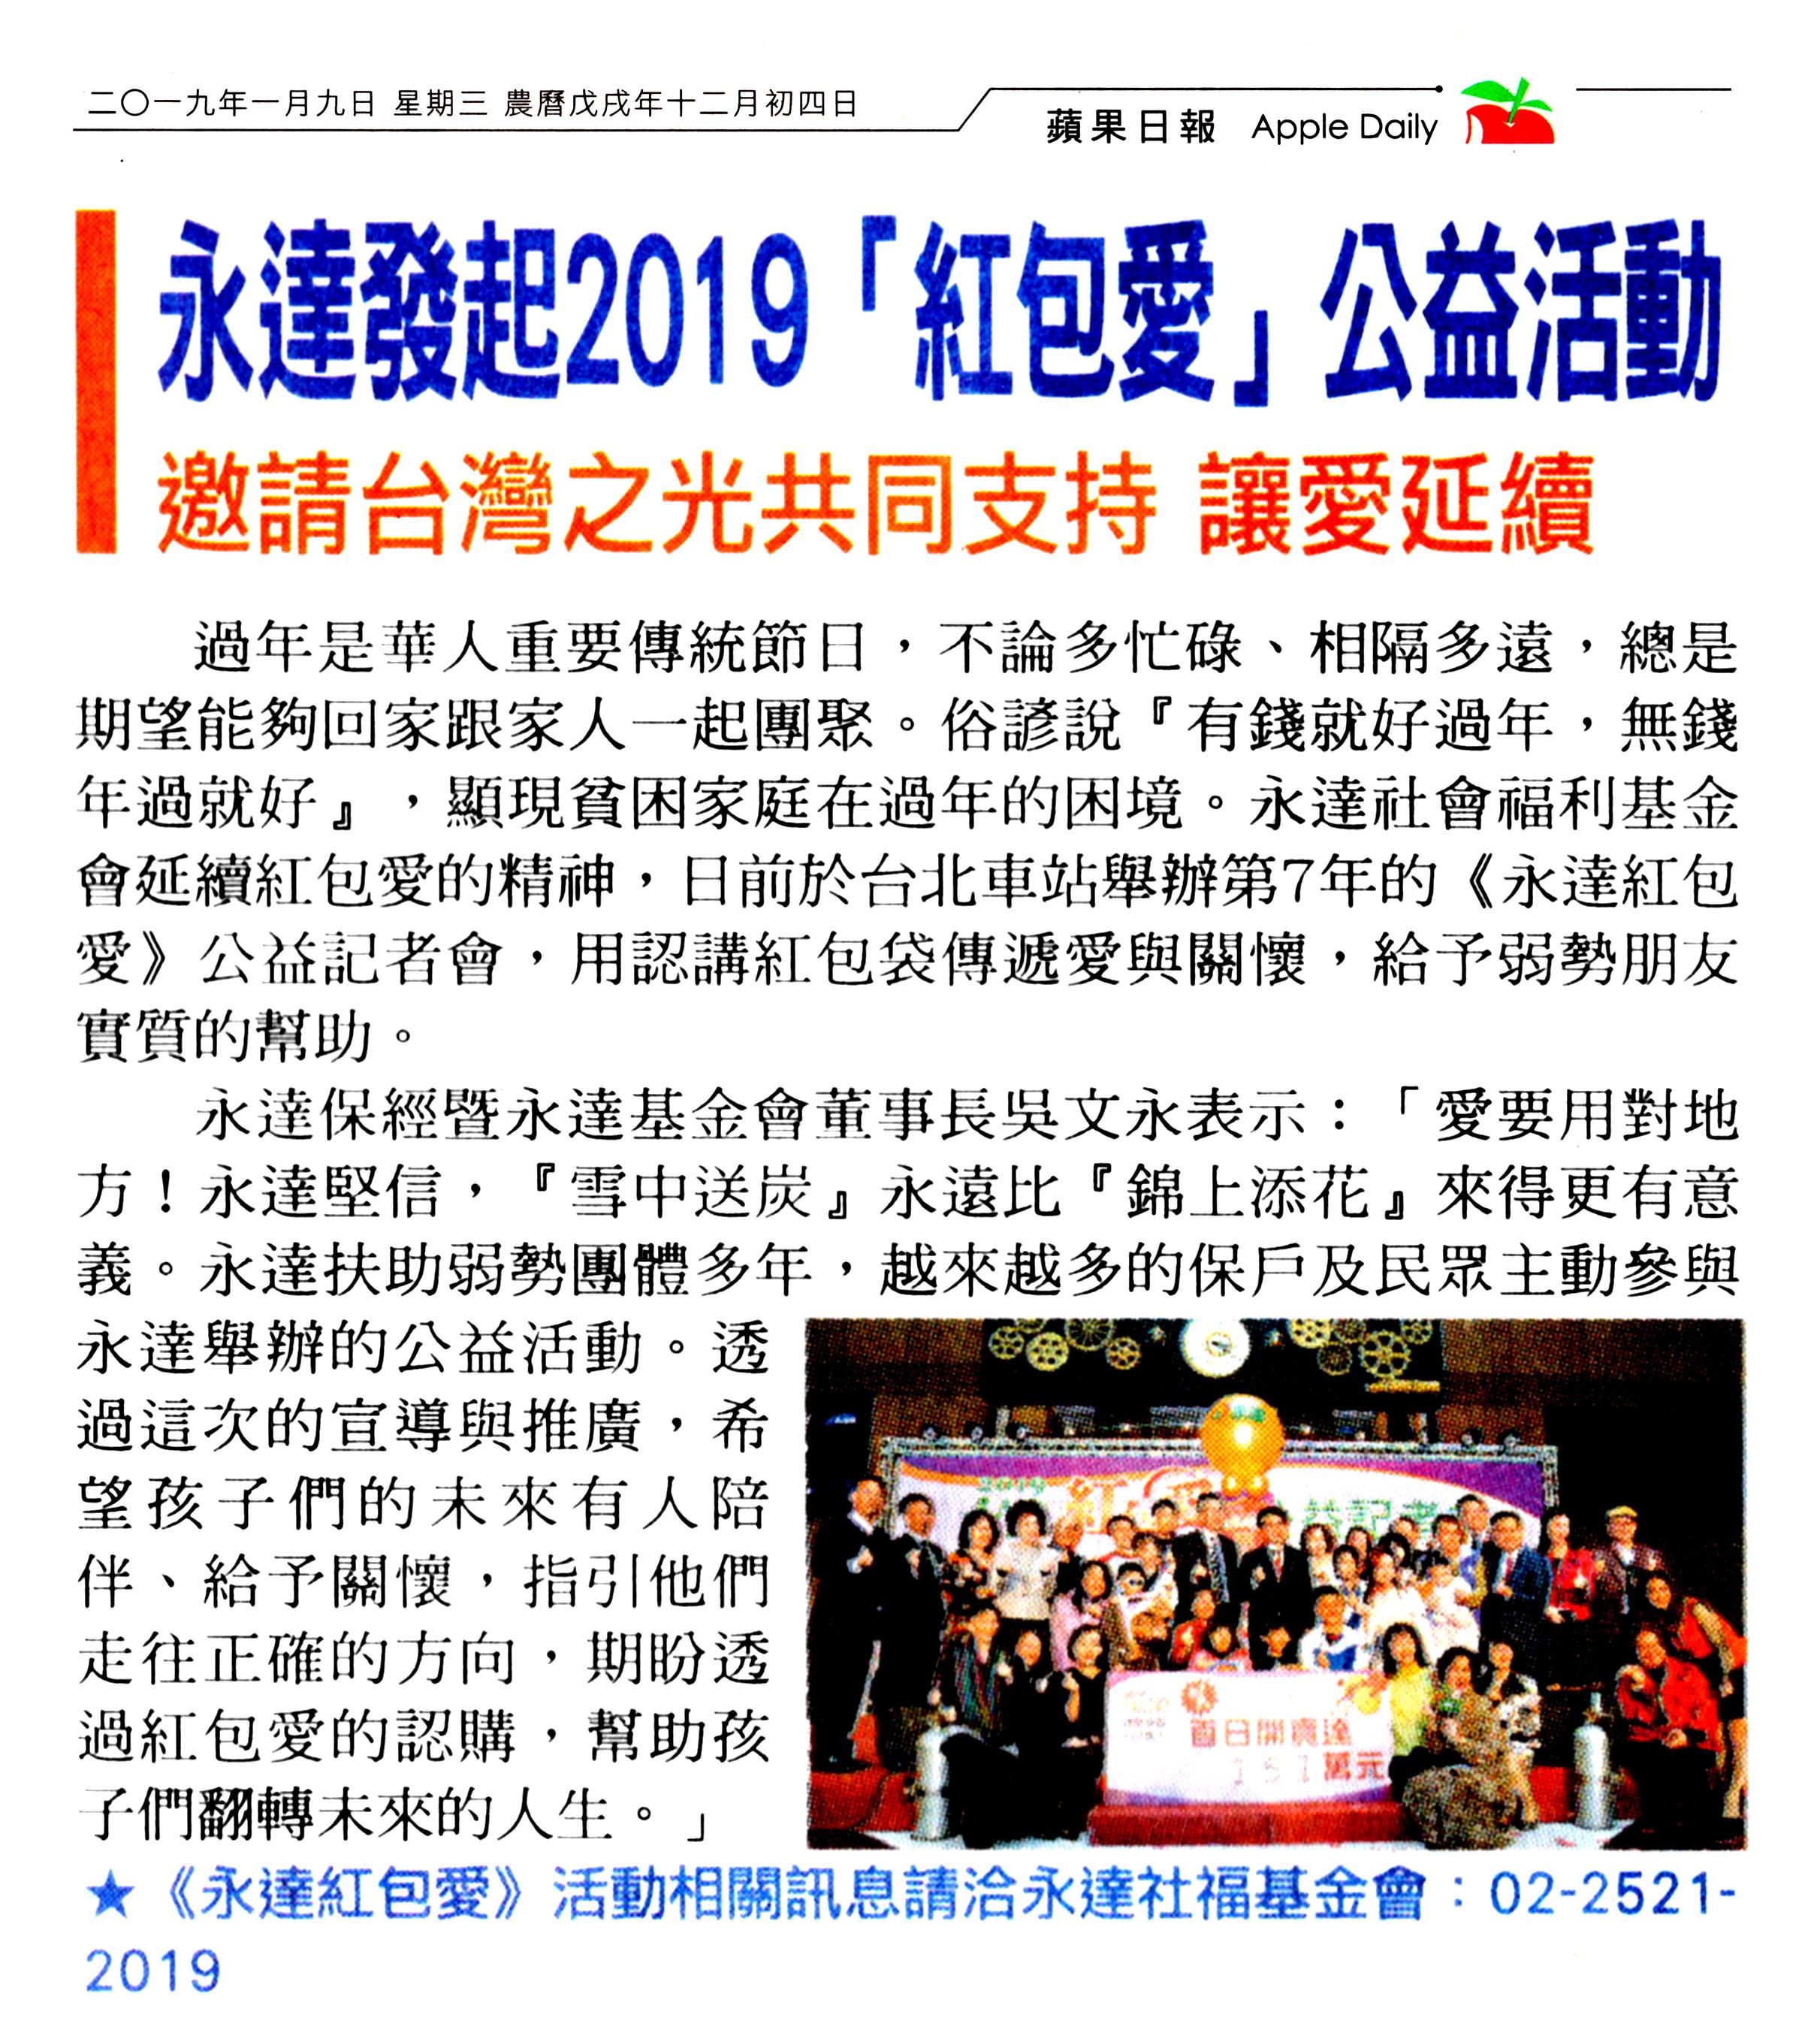 永達發起2019「紅包愛」公益活動 邀請台灣之光共同支持 讓愛延續